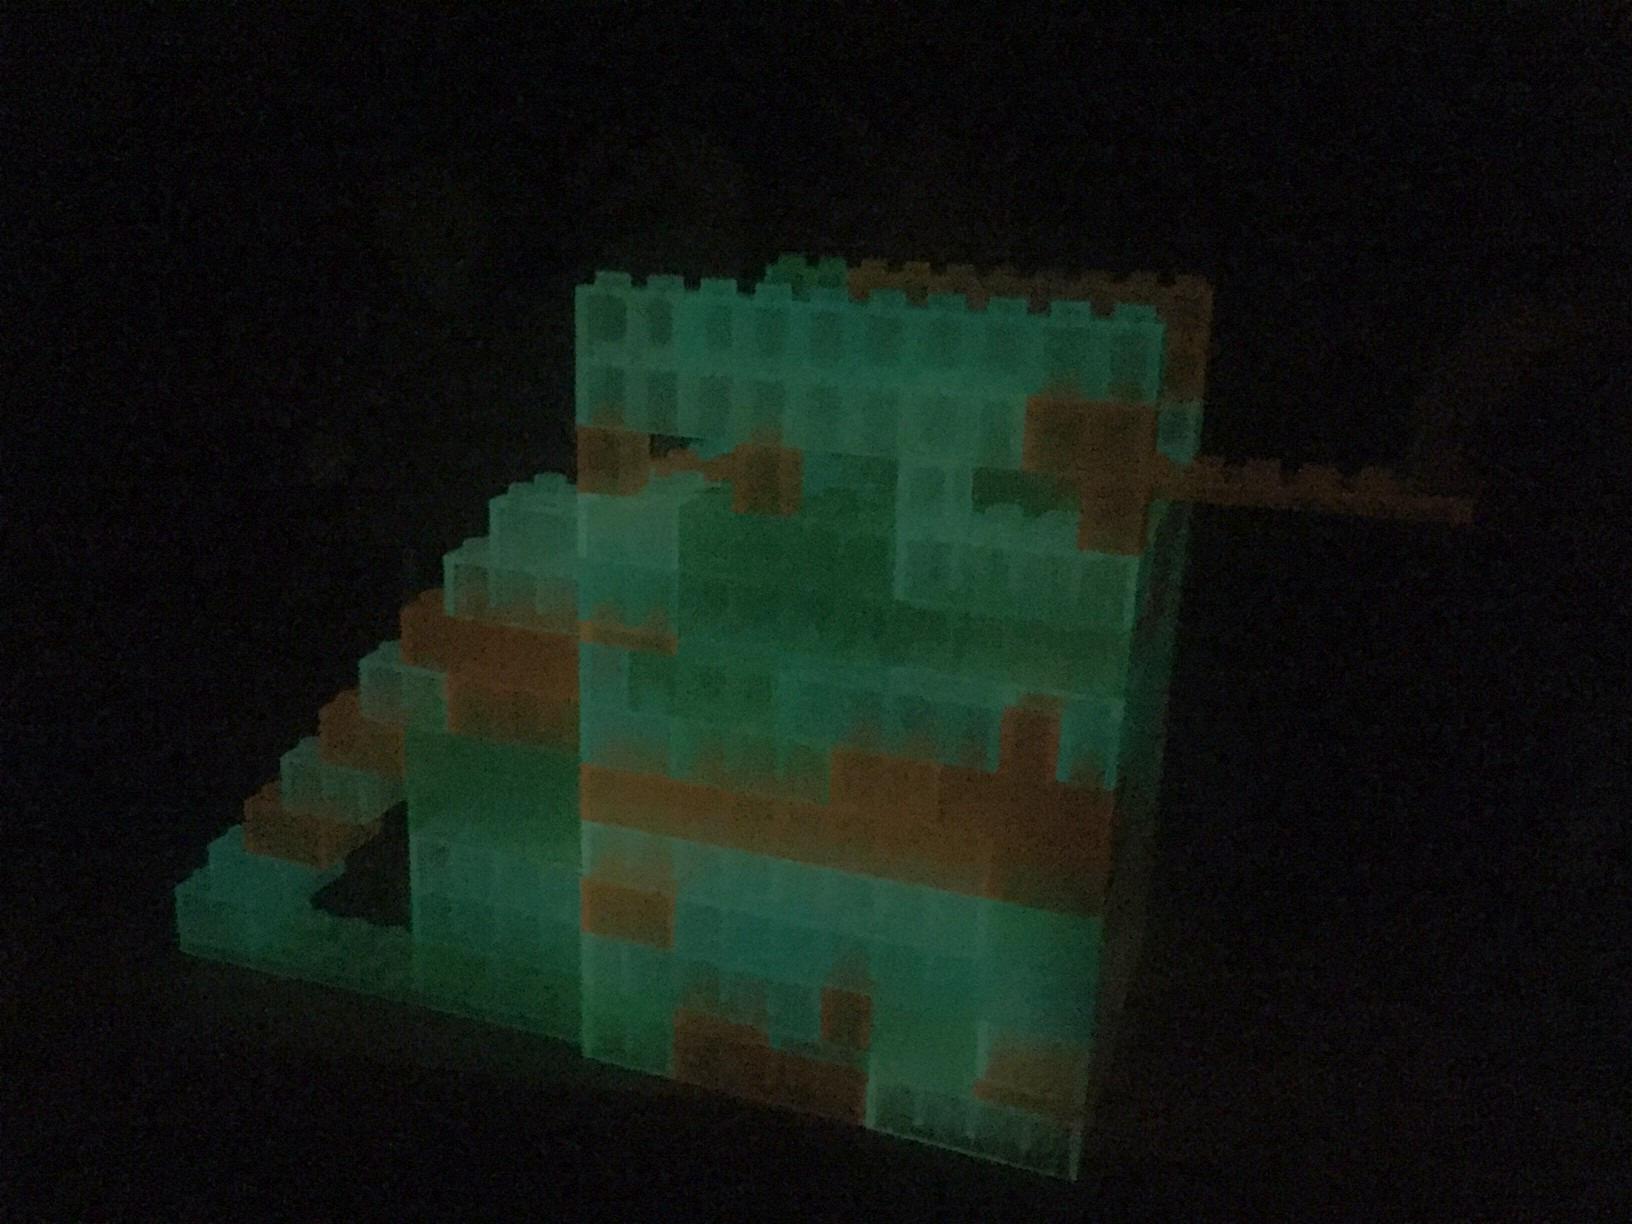 Turm aus lumentics-Leuchtsteinen im Dunklen